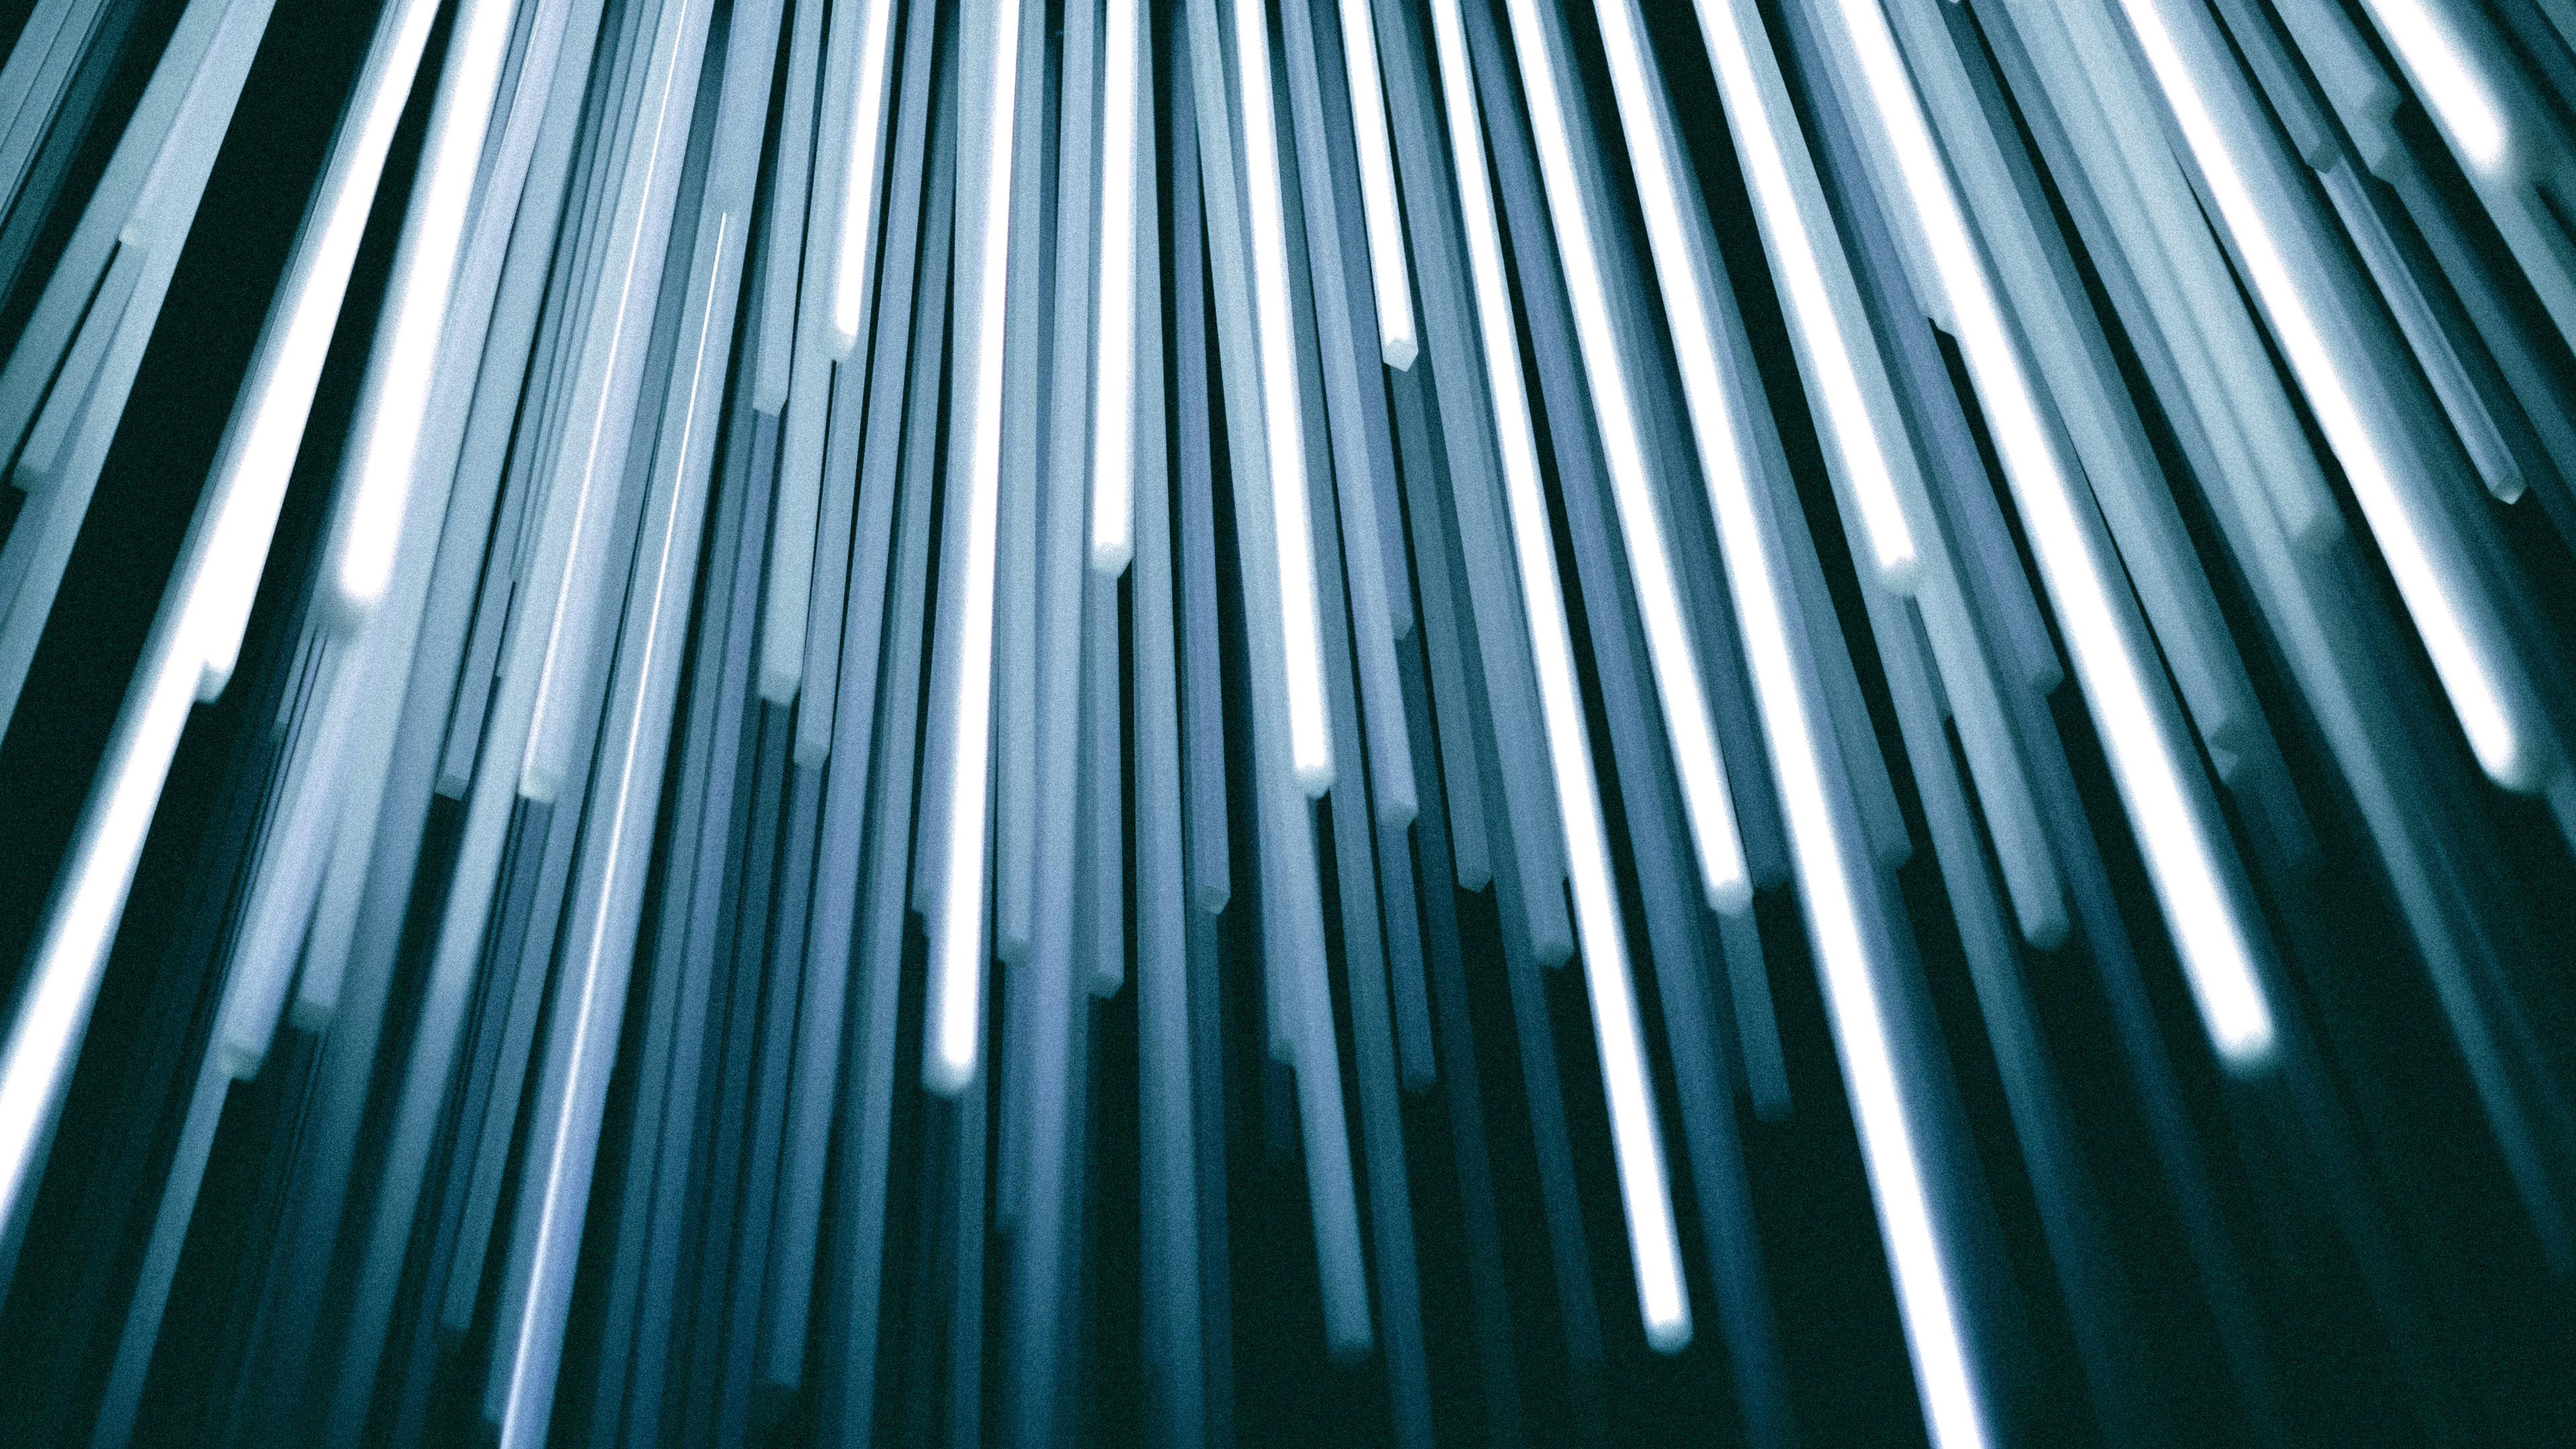 fibre otpics 5k 1539371457 - Fibre Otpics 5k - hd-wallpapers, fibre optics wallpapers, abstract wallpapers, 5k wallpapers, 4k-wallpapers